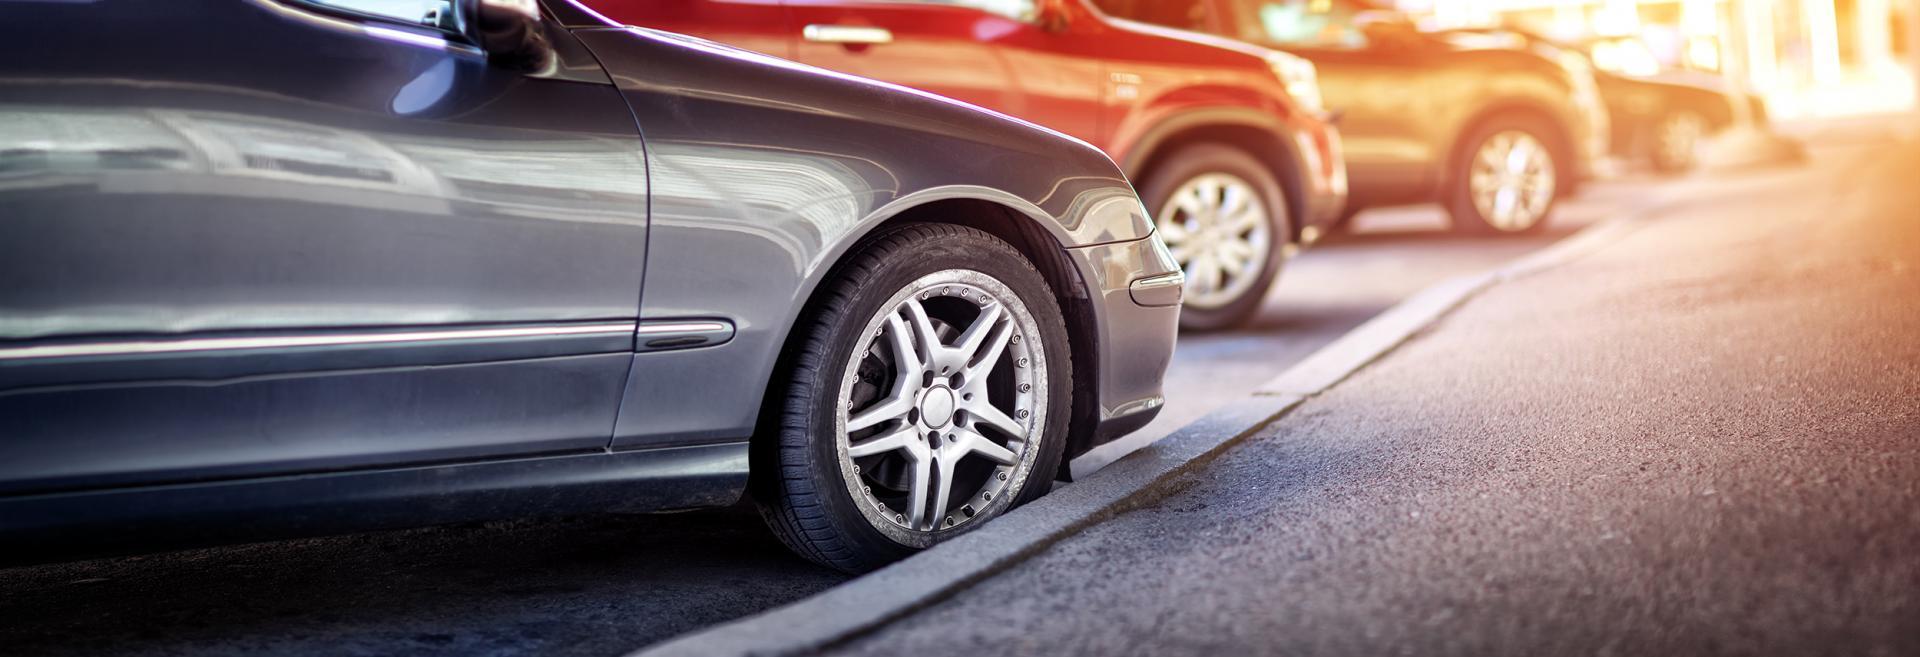 Gdzie najlepiej ubezpieczyć samochód? 3